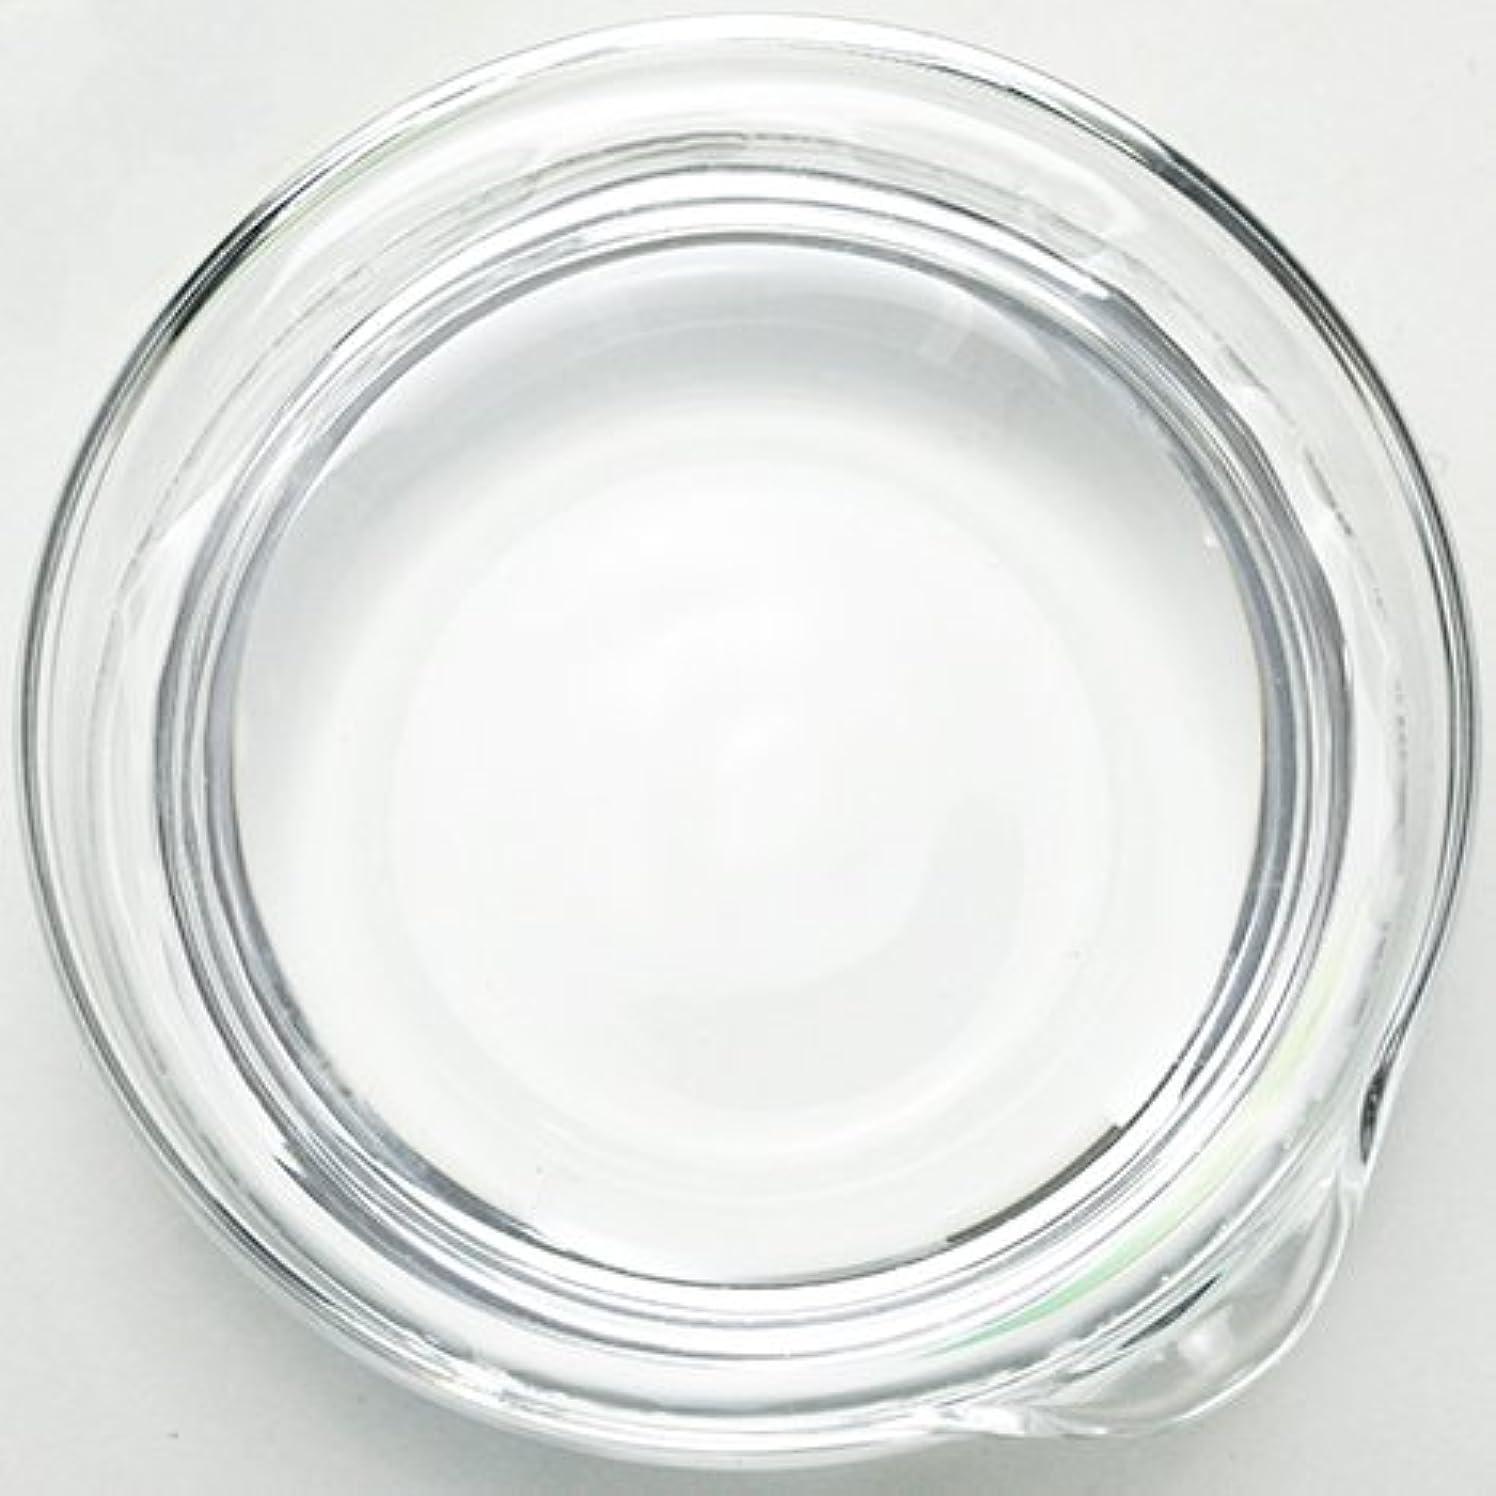 花瓶自我神聖濃グリセリン[植物性] 100ml 【手作り石鹸/手作りコスメ】